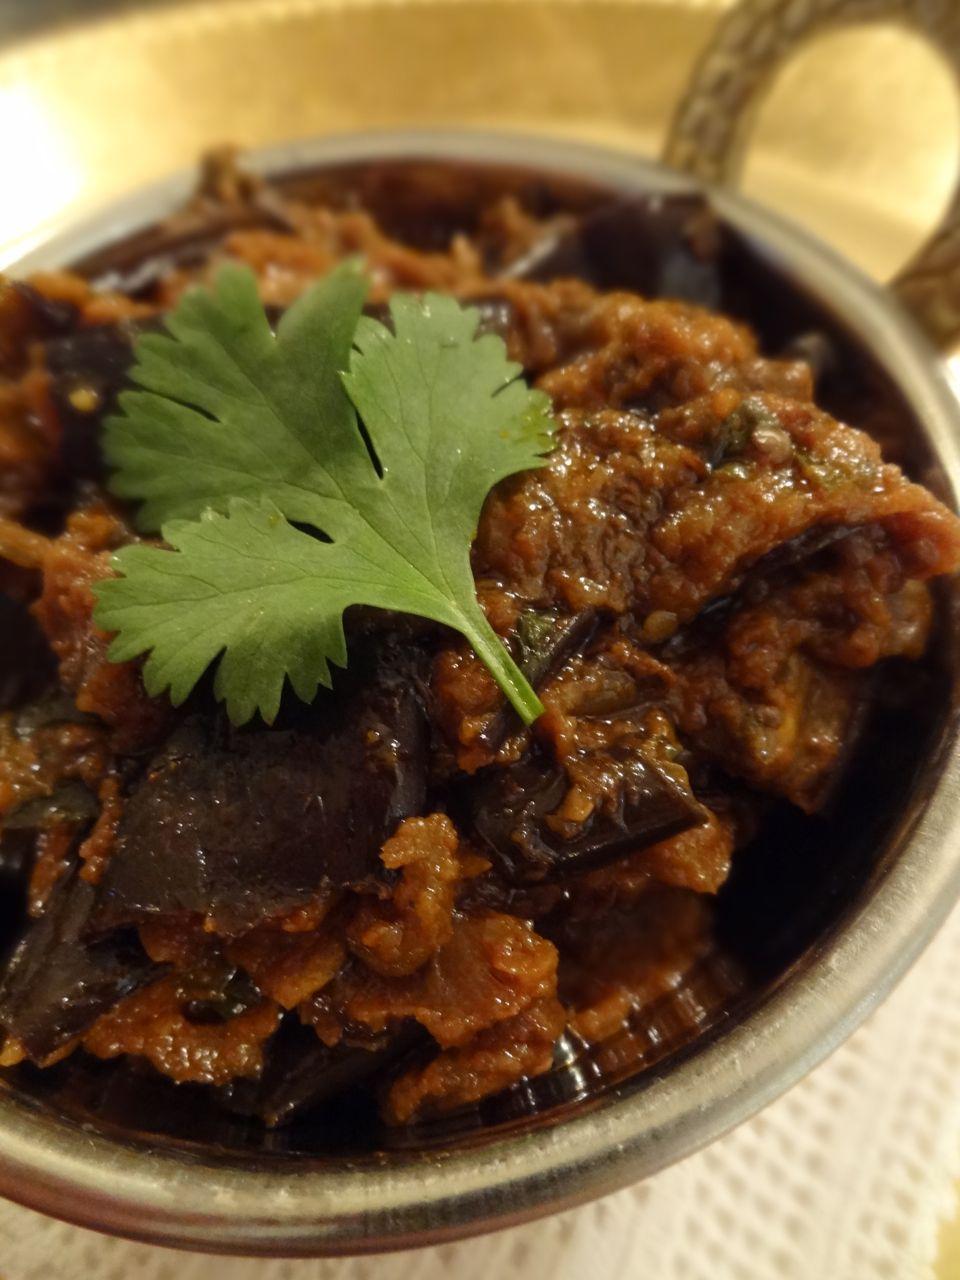 Scrumpdillyicious eggplant bharta a classic north indian dish eggplant bharta a classic north indian dish forumfinder Gallery